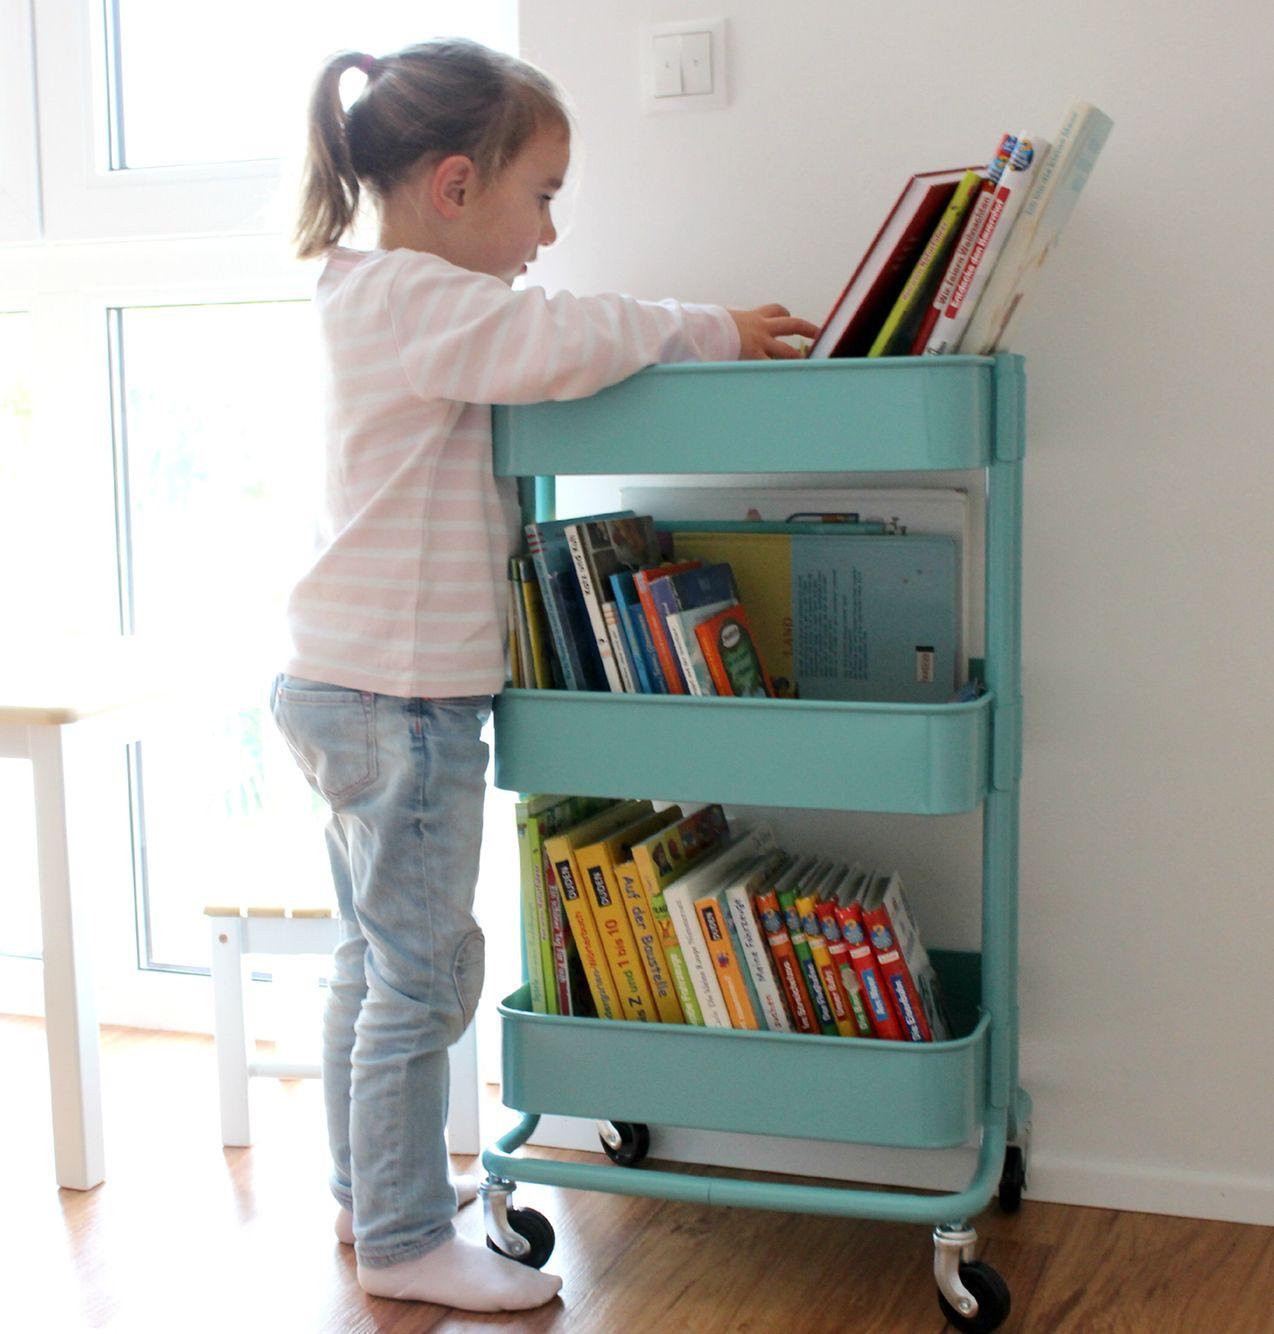 Full Size of Bücherregal Kinderzimmer Bcherregal Besten 25 Regal Ideen Auf Regale Sofa Weiß Kinderzimmer Bücherregal Kinderzimmer